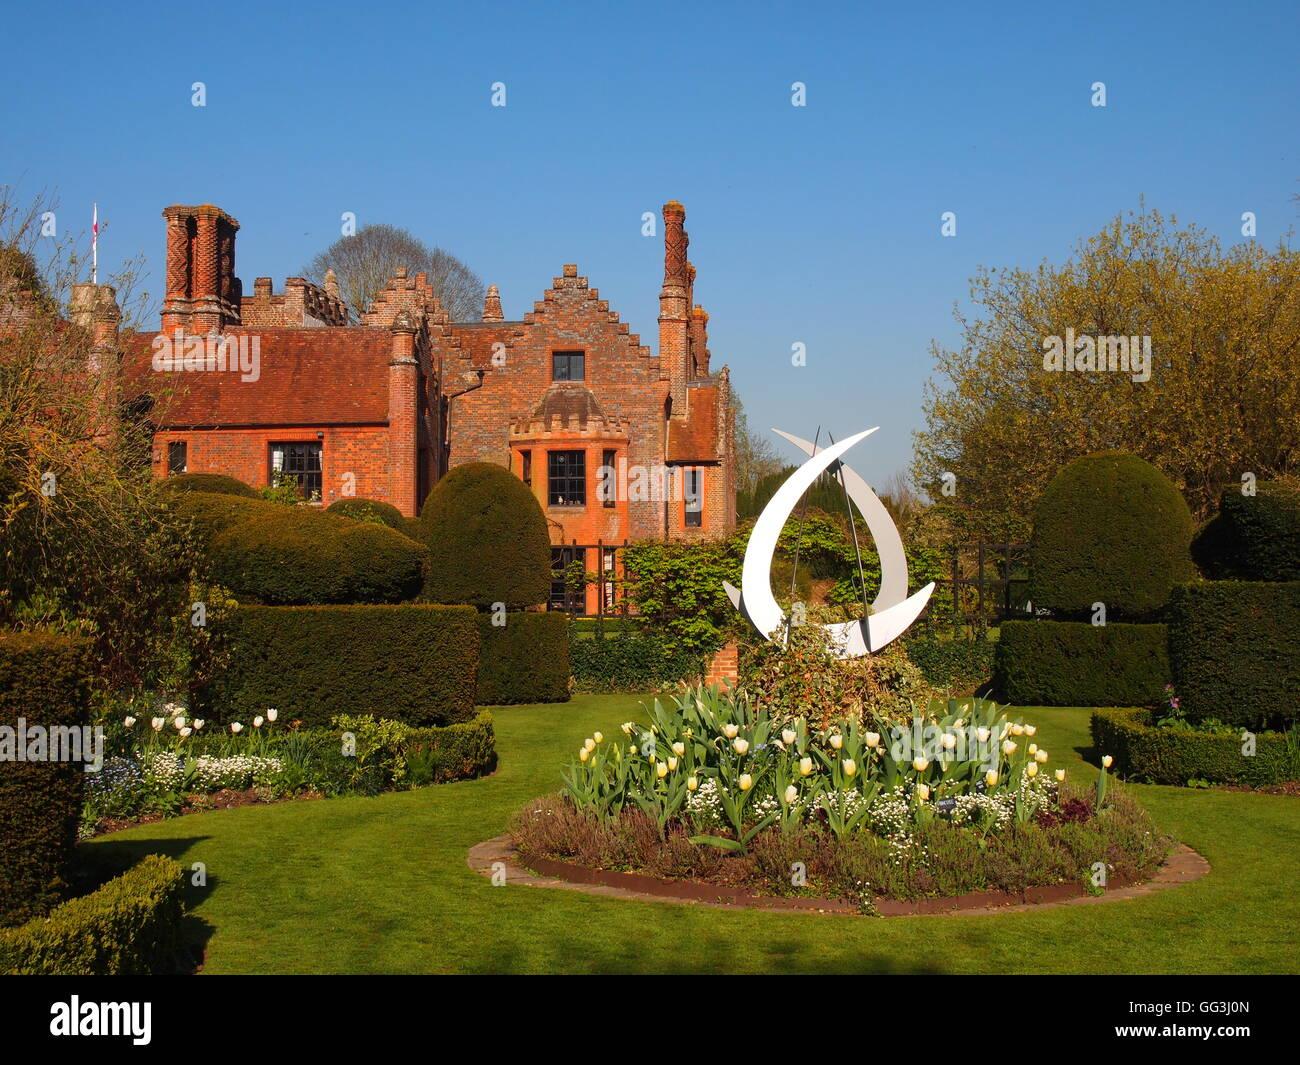 Chenies Manor Weisse Garten Mit Blick Auf Das Haus Rundes Beet Mit